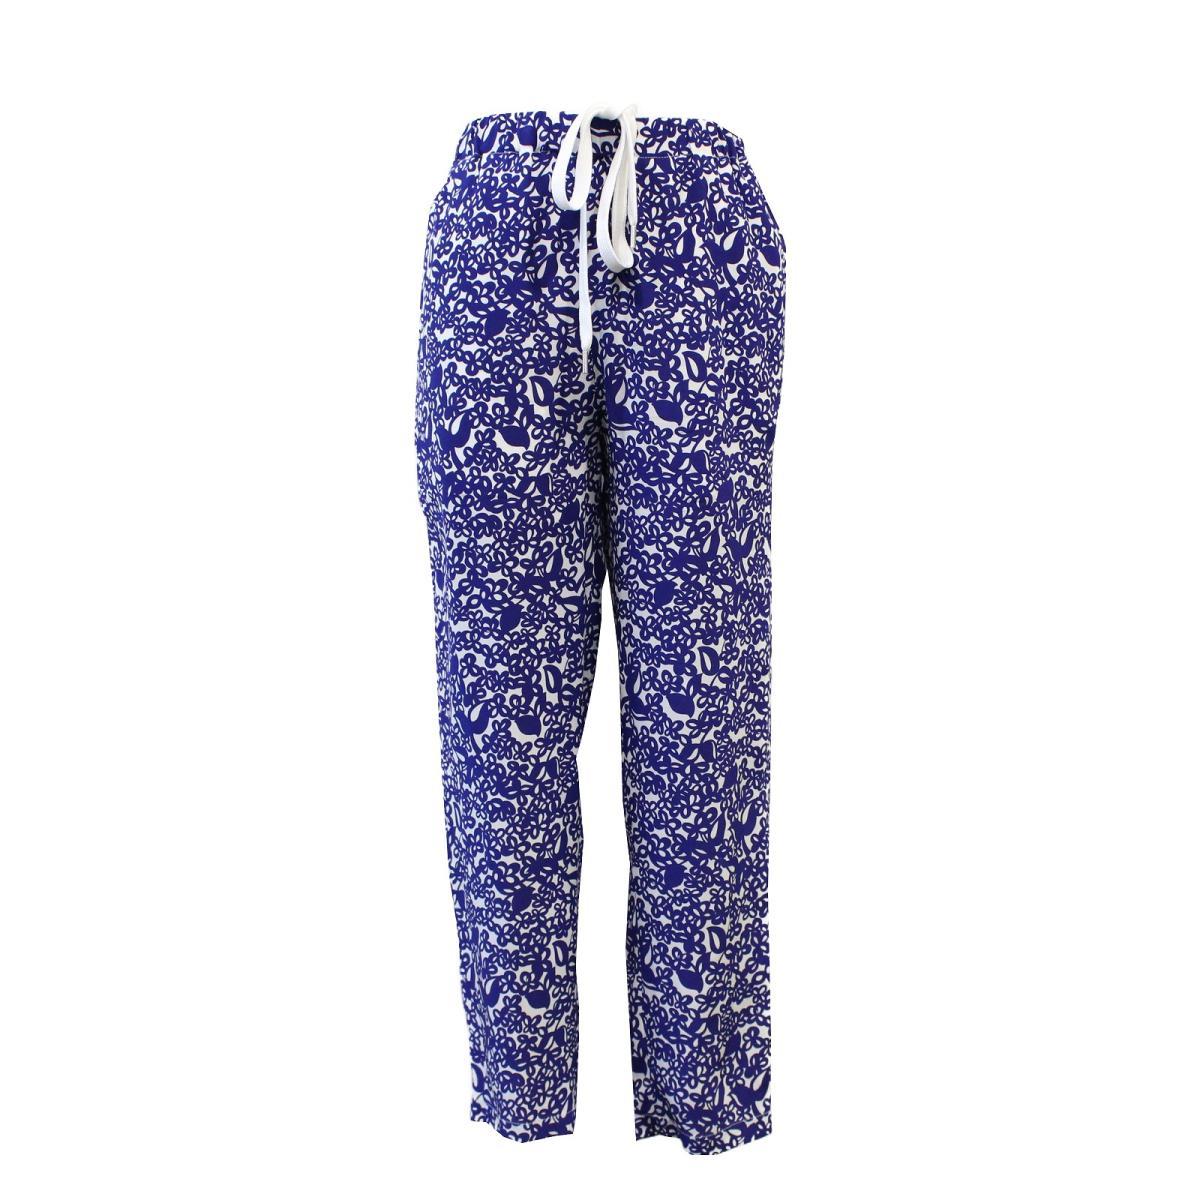 【中古】 マルニ パンツ レディース シルク100% ブルー ホワイト | MARNI BRANDOFF ブランドオフ 衣料品 衣類 ブランド ボトムス